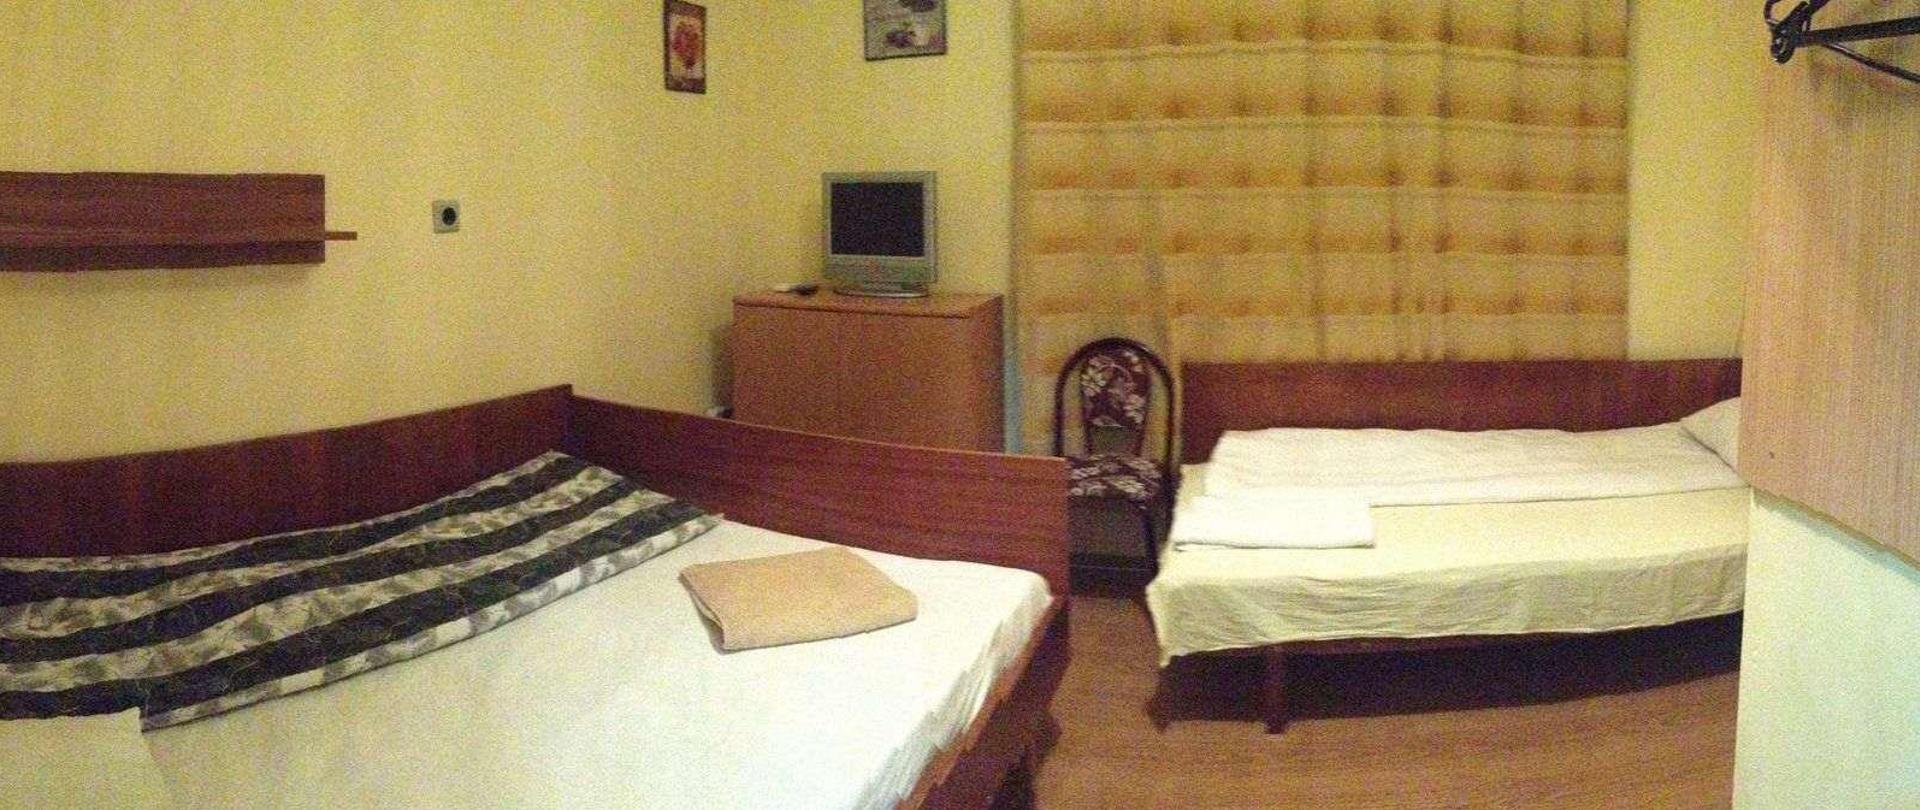 room2122016-2.jpeg